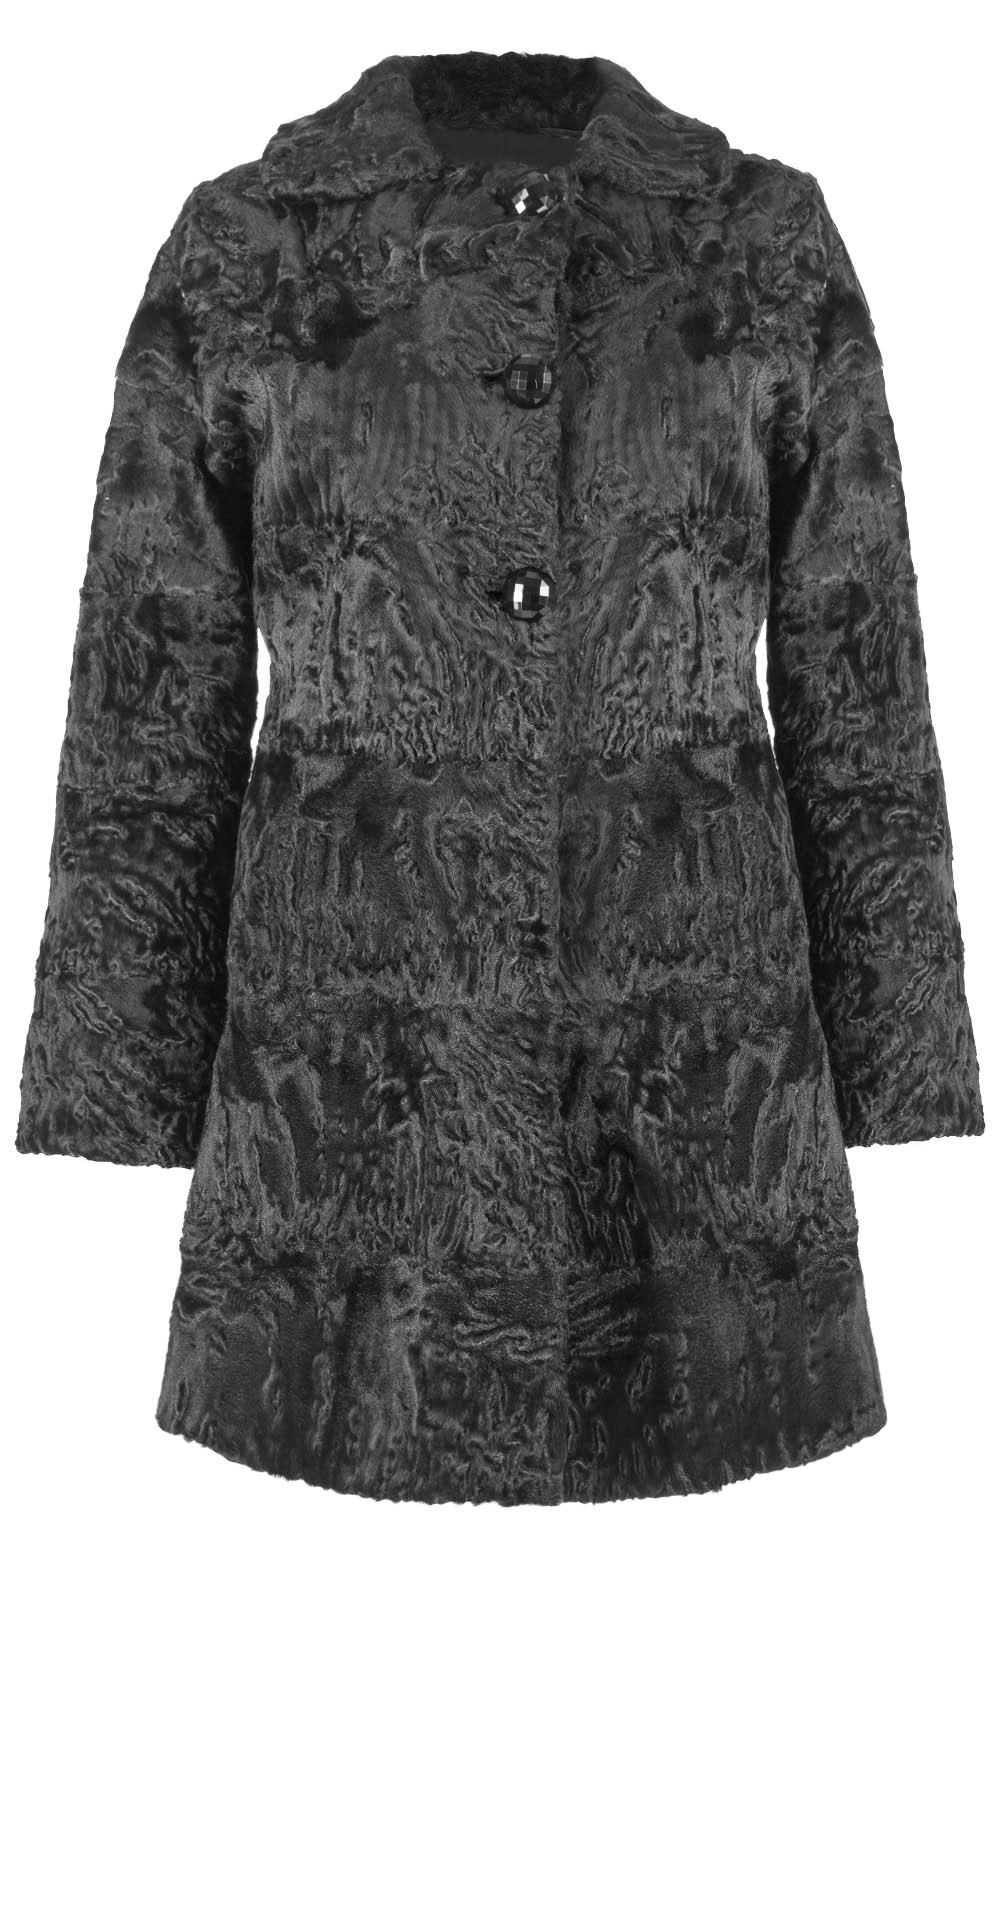 Полупальто из каракуля, цвет: Чёрный - купить за 105600 в магазине - Гипермаркет меха